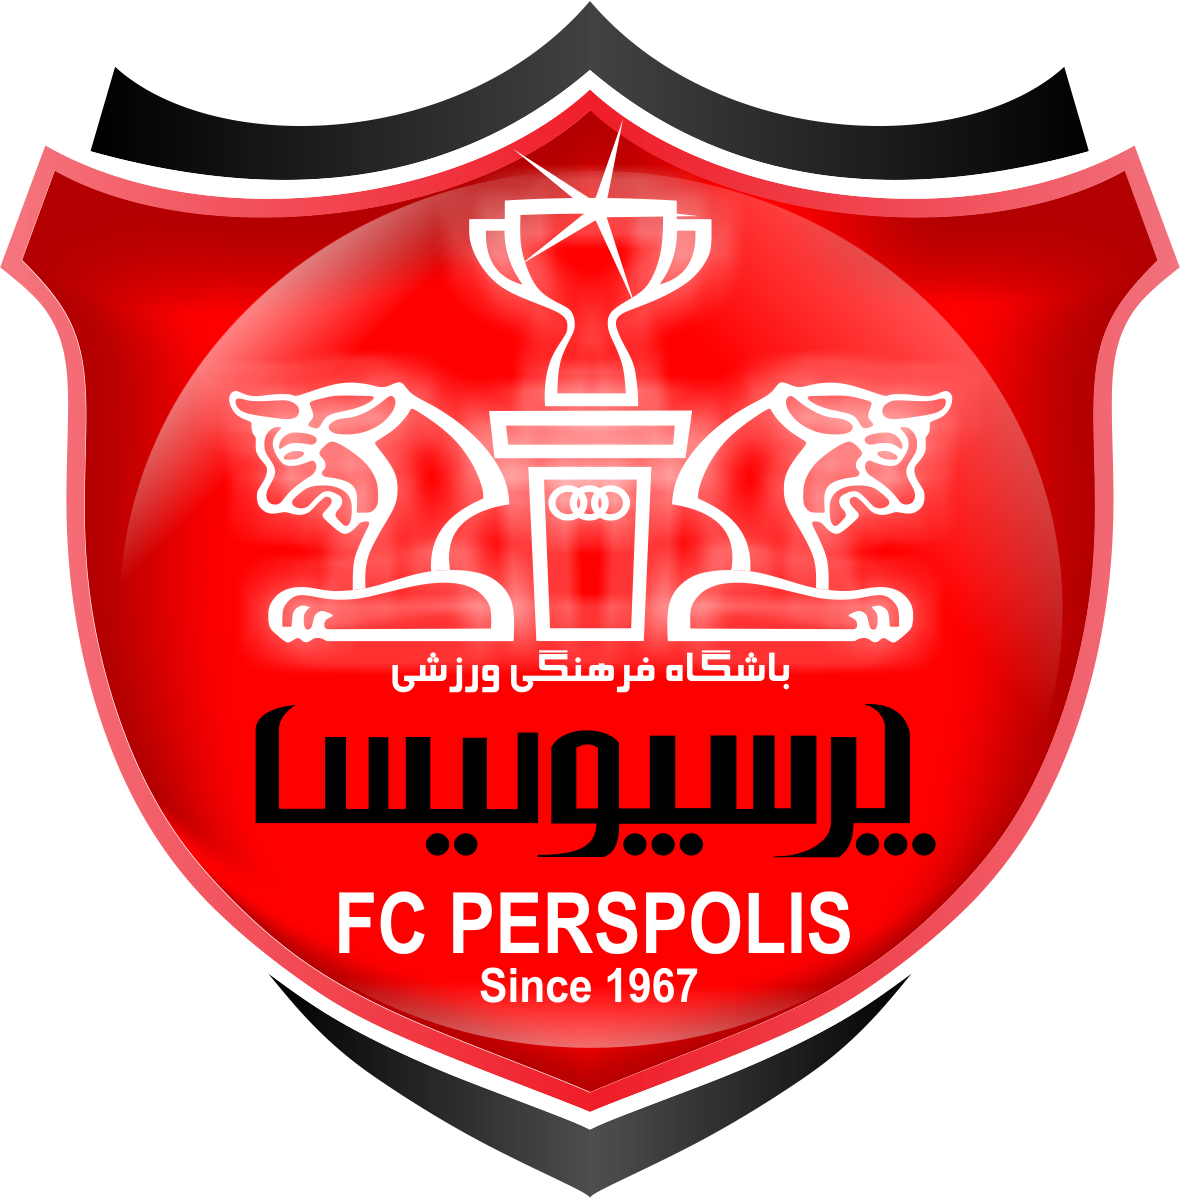 perspolis logo خرید اینترنتی پرچم هواداران پرسپولیس